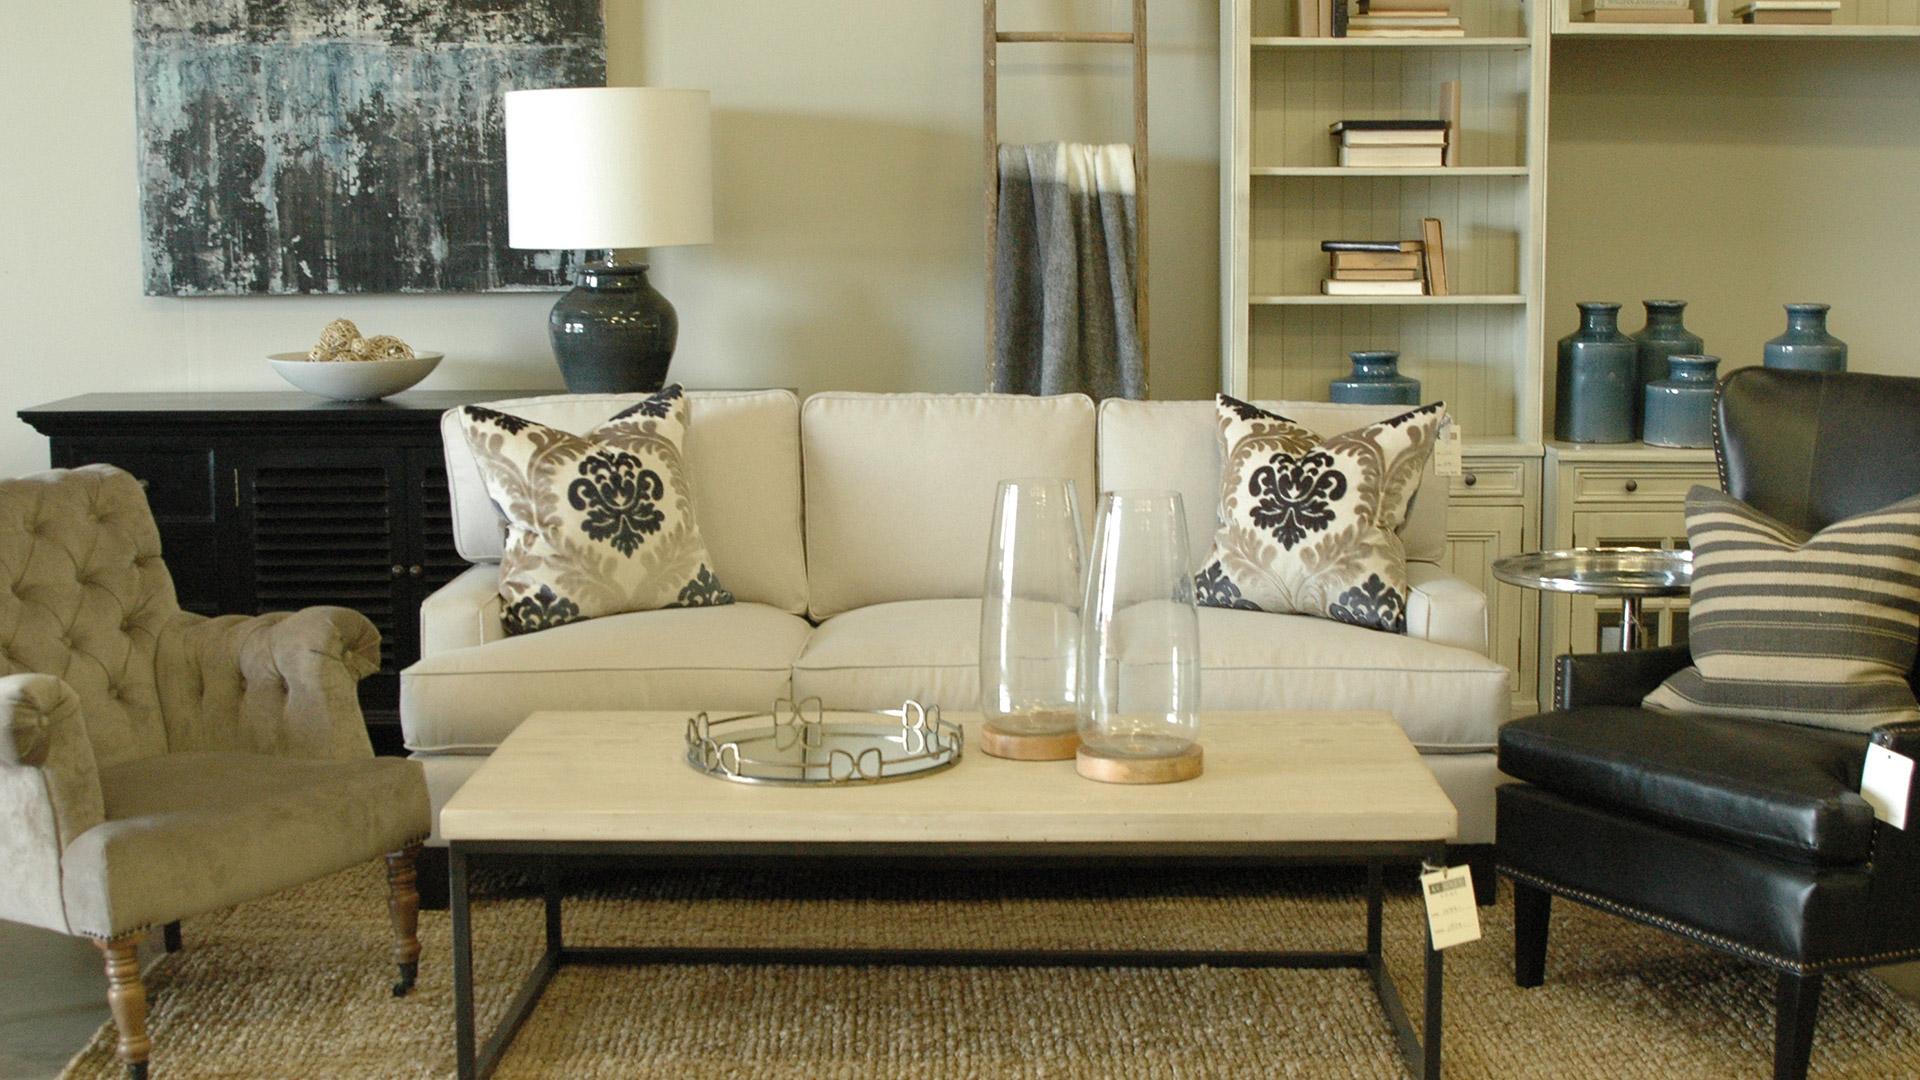 studio-512-kc-grey-home-pillows-4_539691